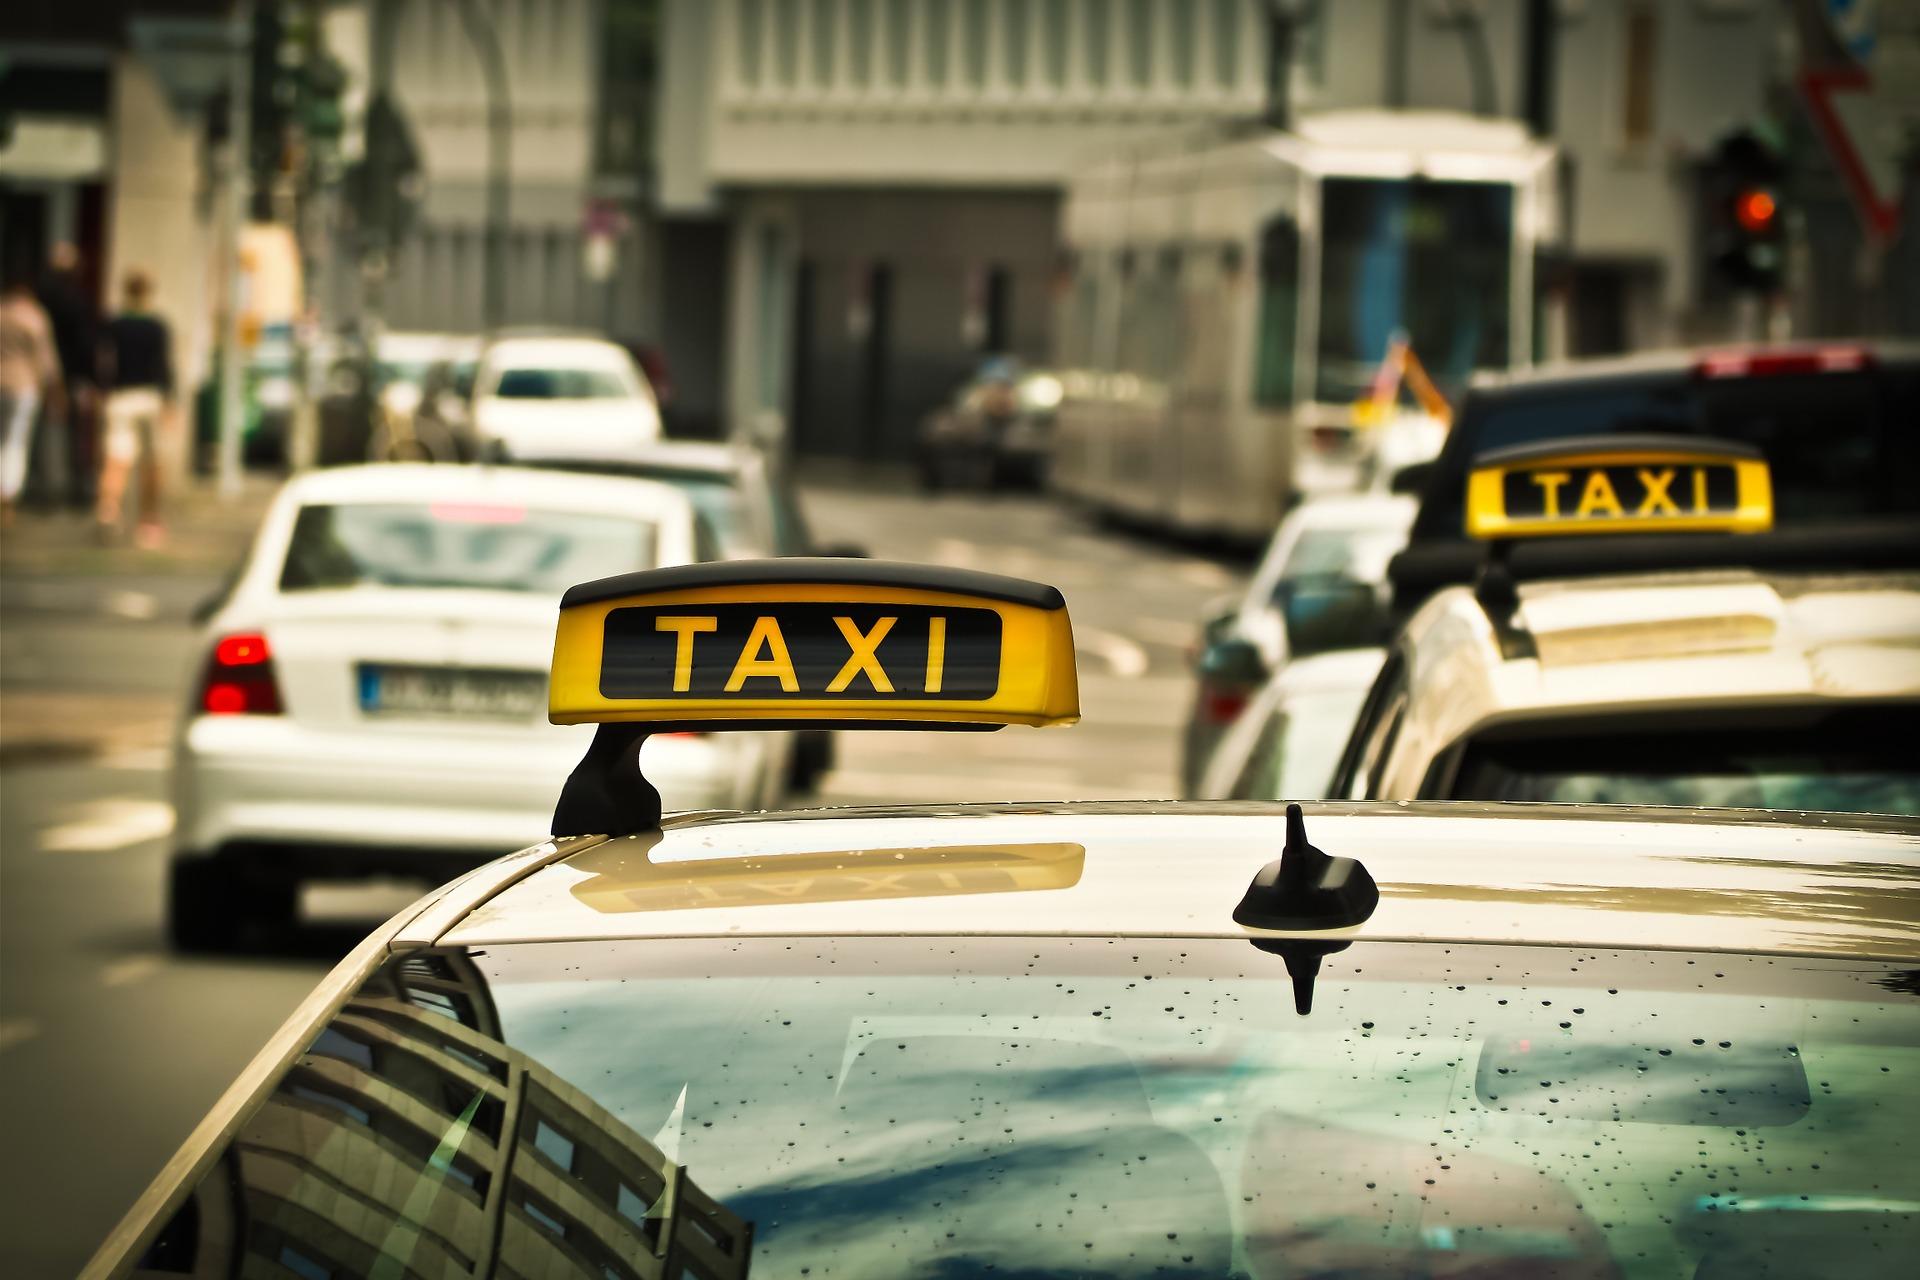 Wirtualny taksometr w smartfonie może okazać się porażką